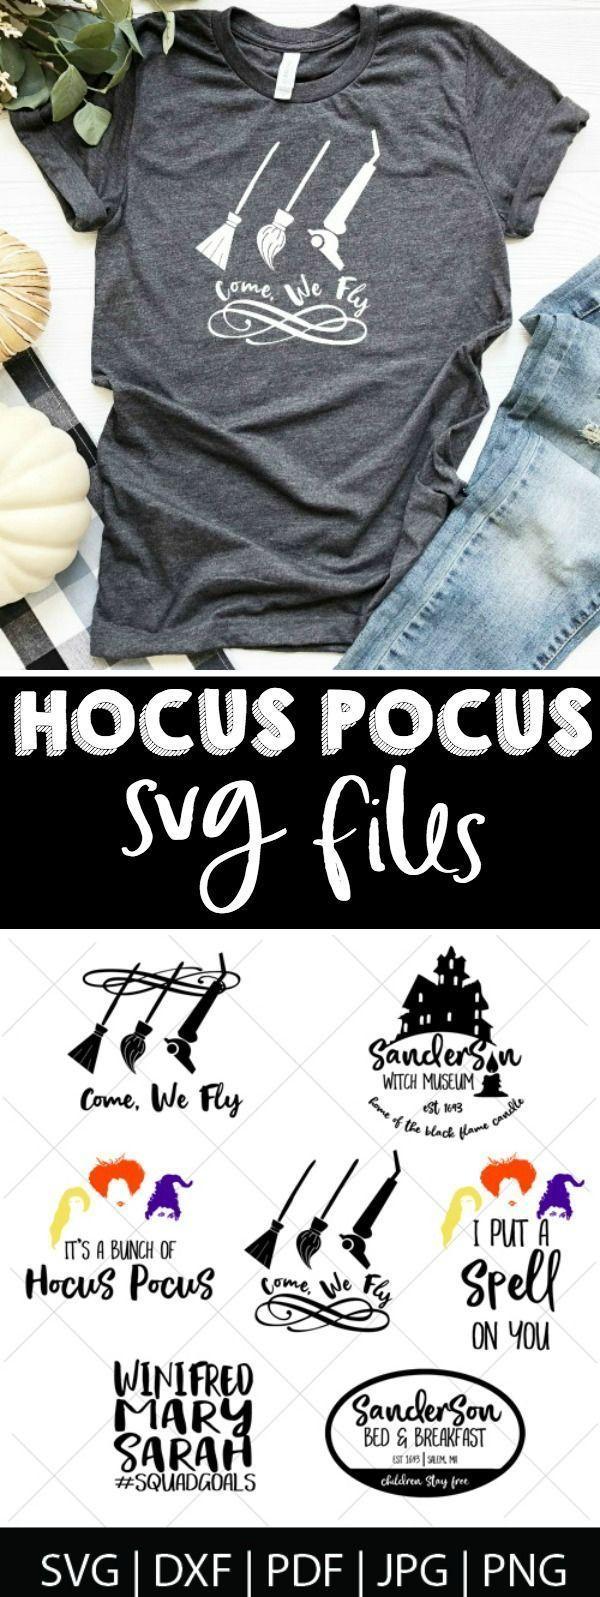 Hocus Pocus SVG Files